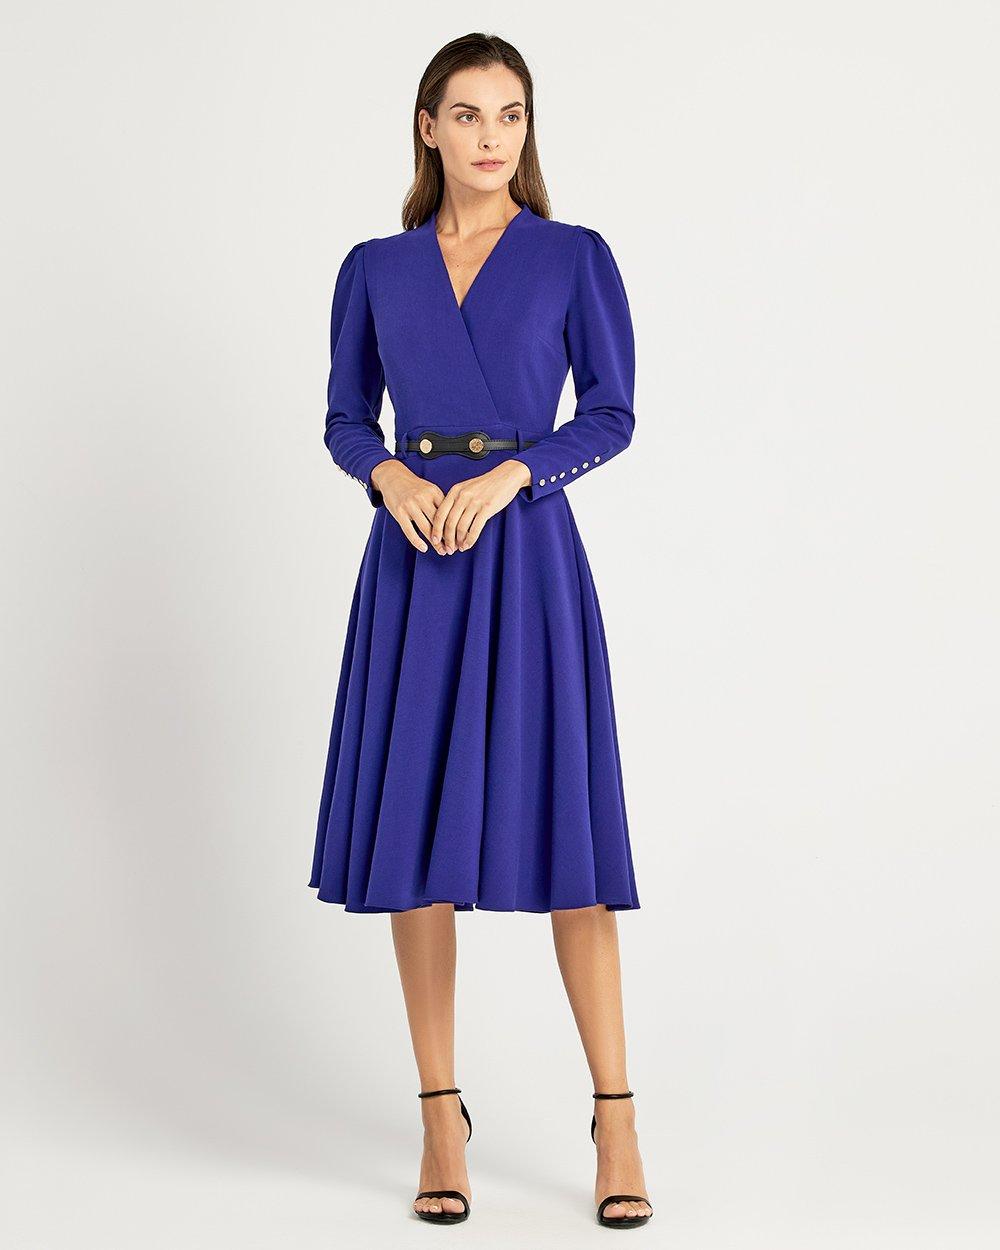 Φόρεμα κρουαζέ με ζώνη